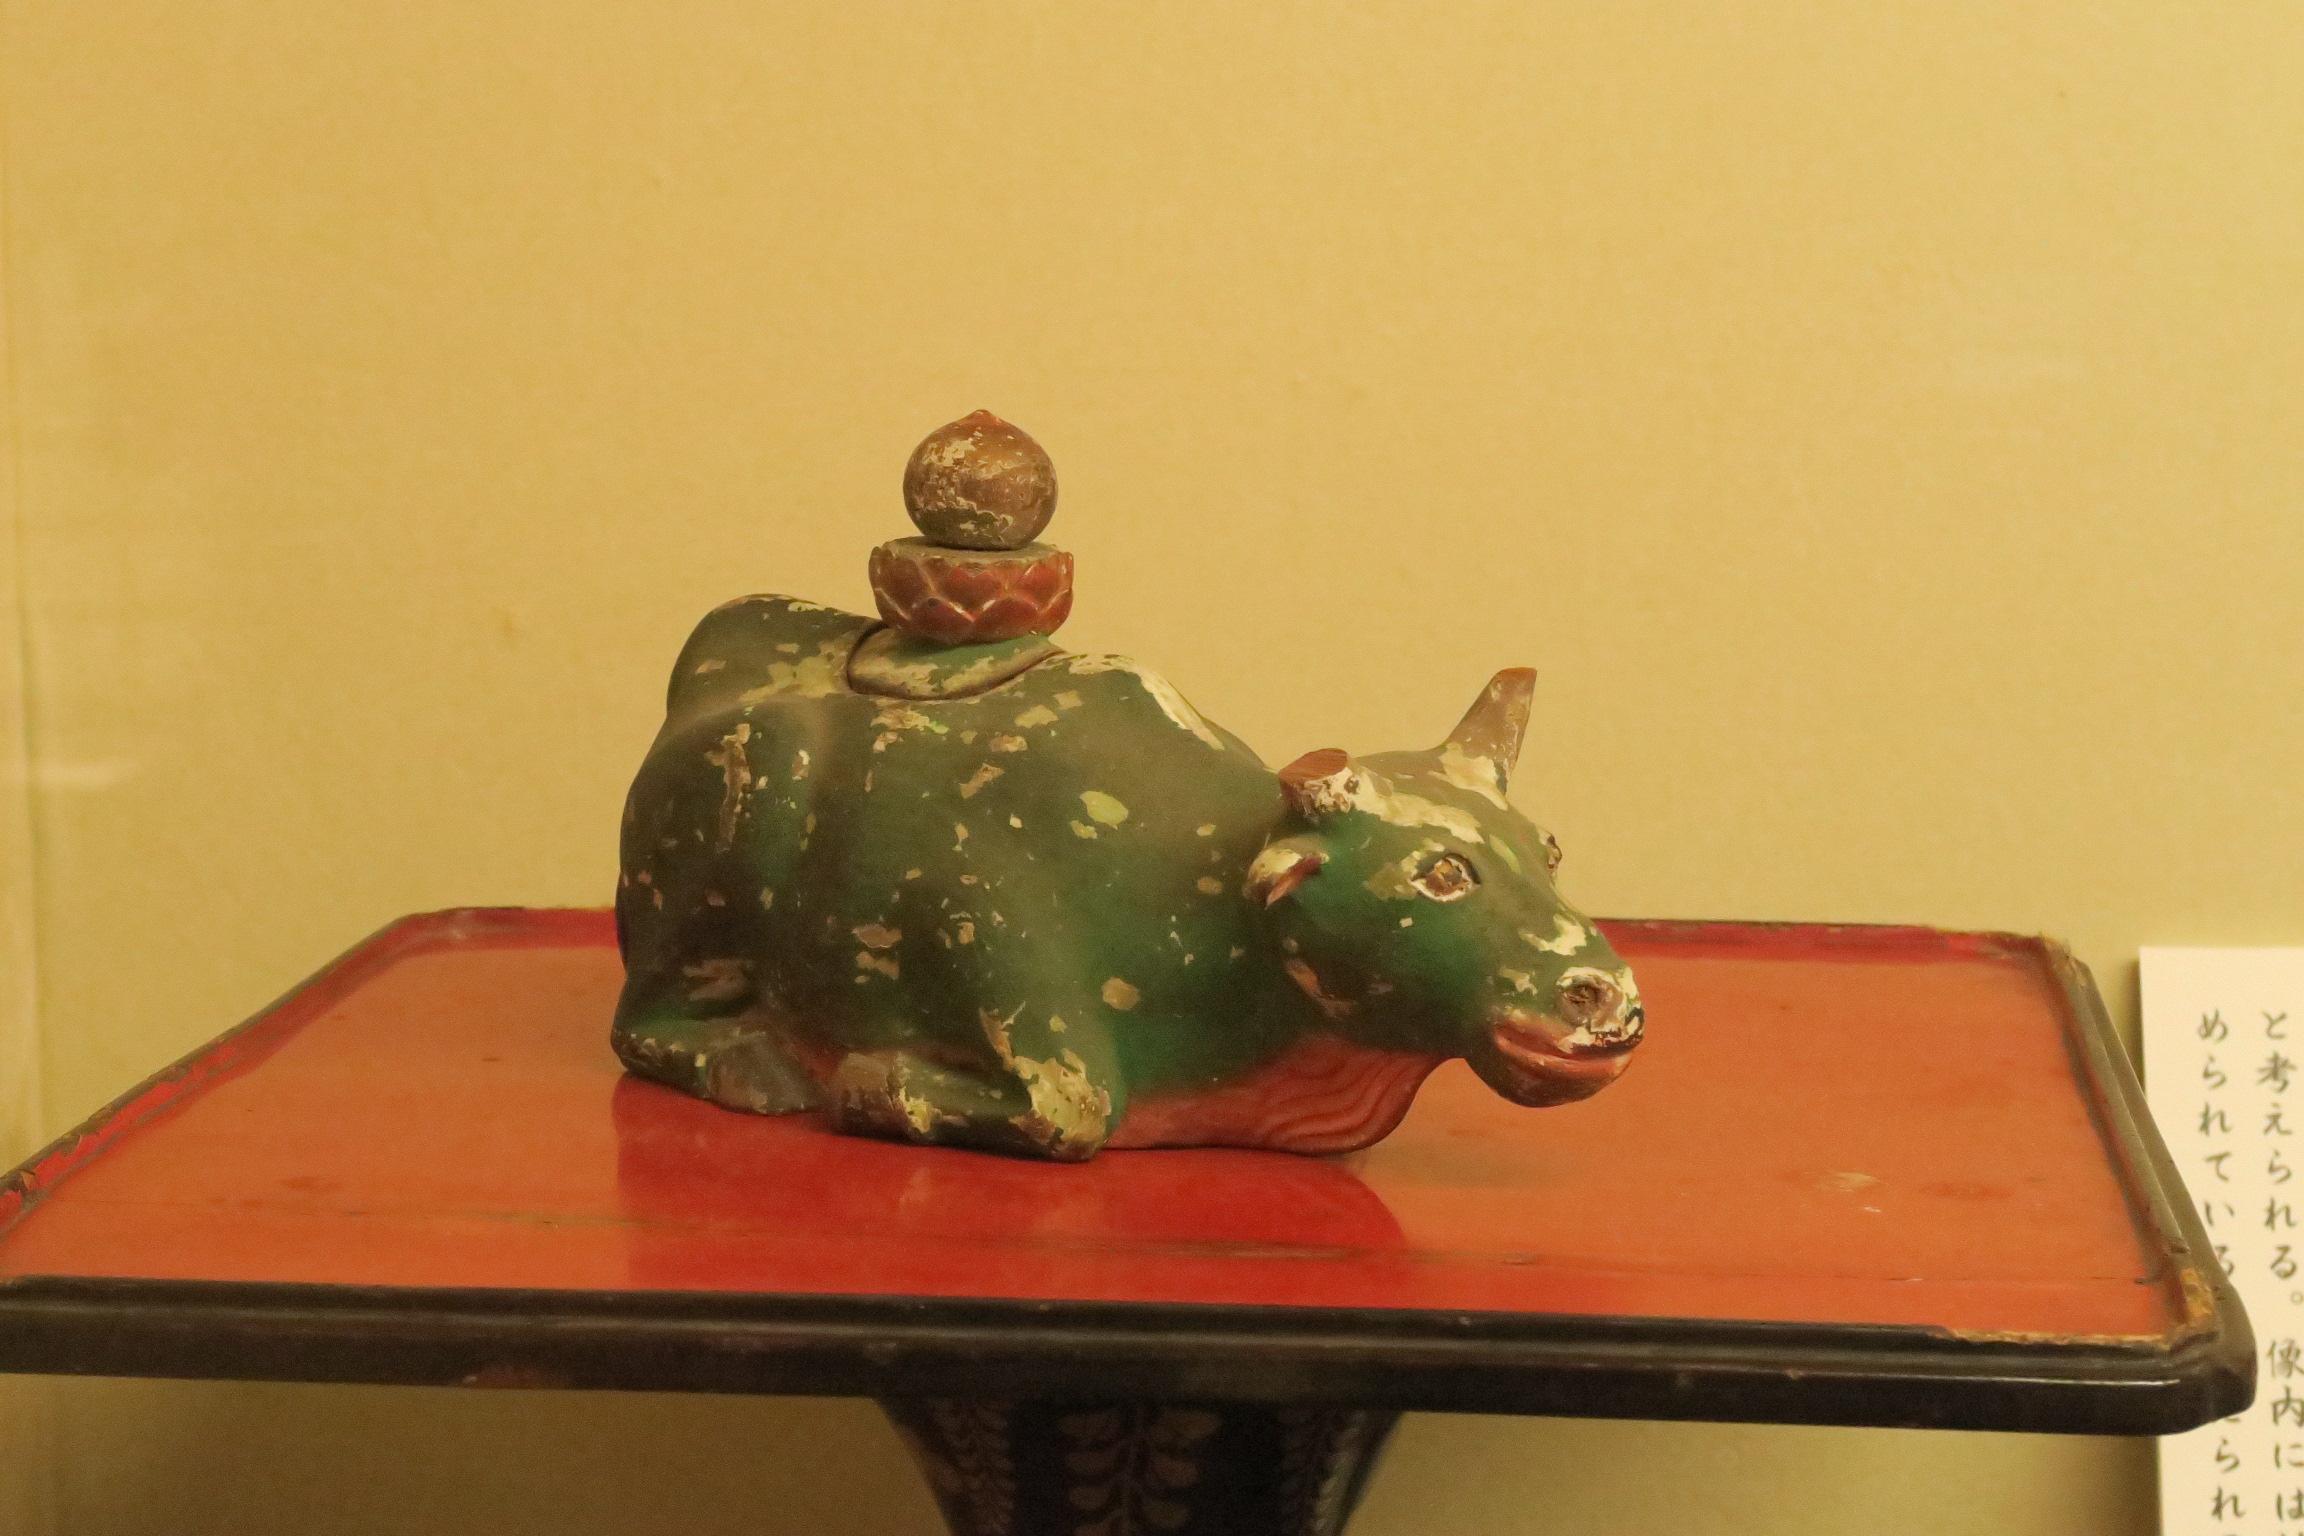 牛王像(こおうぞう)。像内には、牛の眼玉が信仰的に納められているとの伝えがあるそうです。